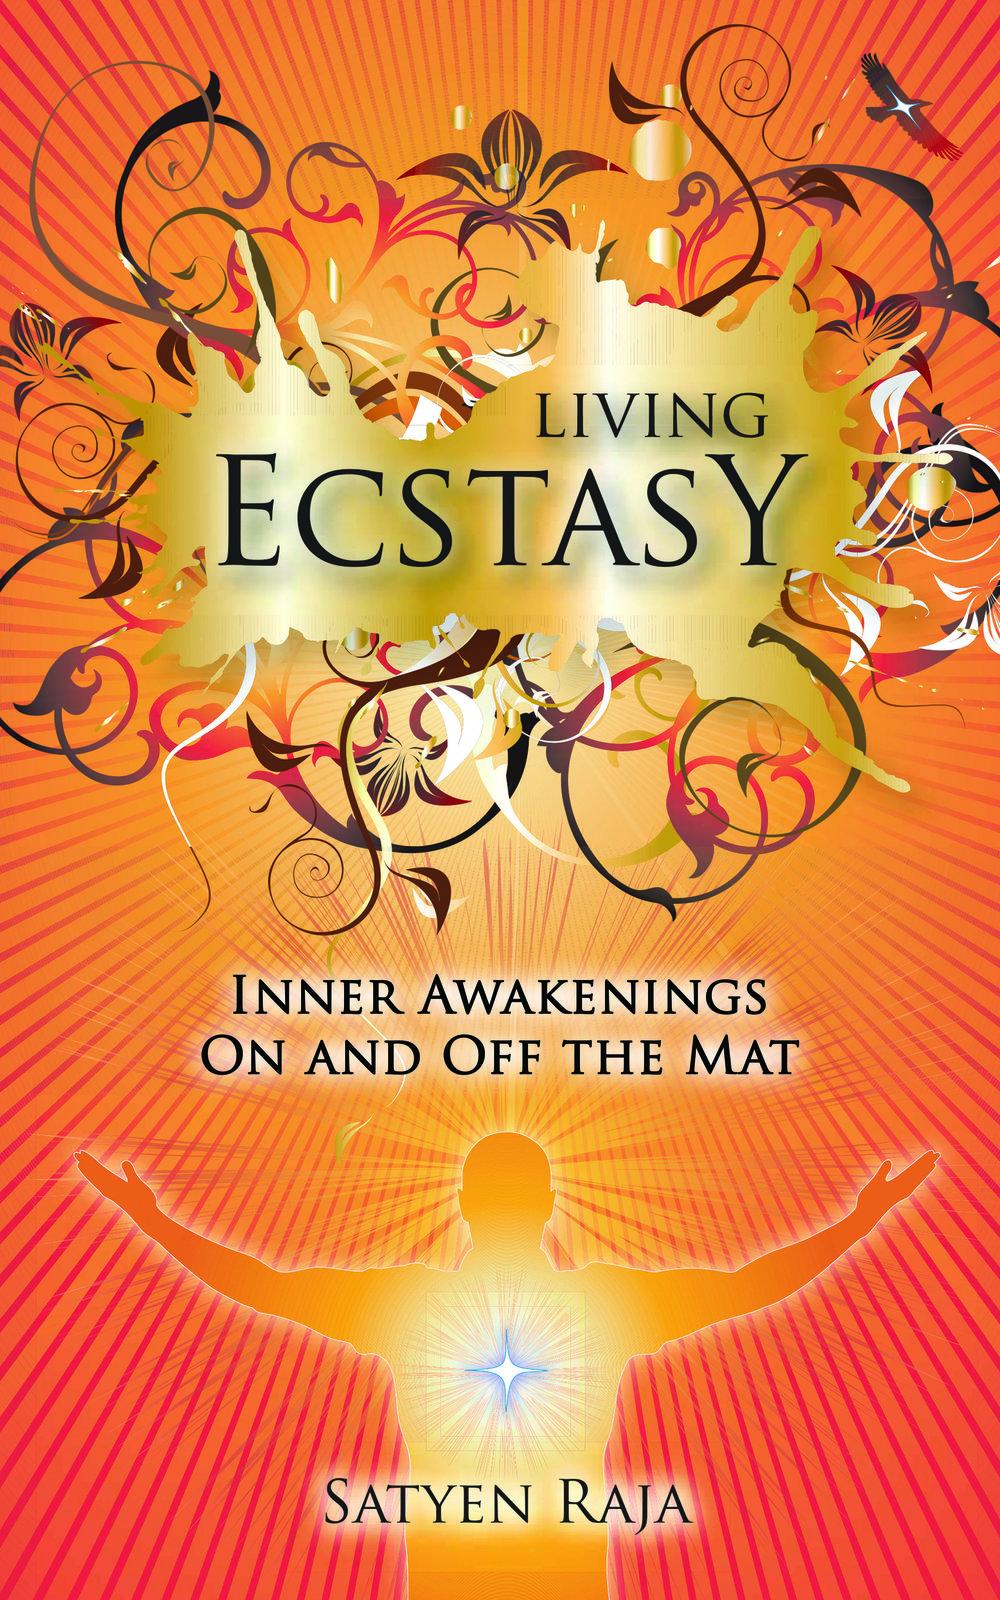 LivingEcstasy.jpg